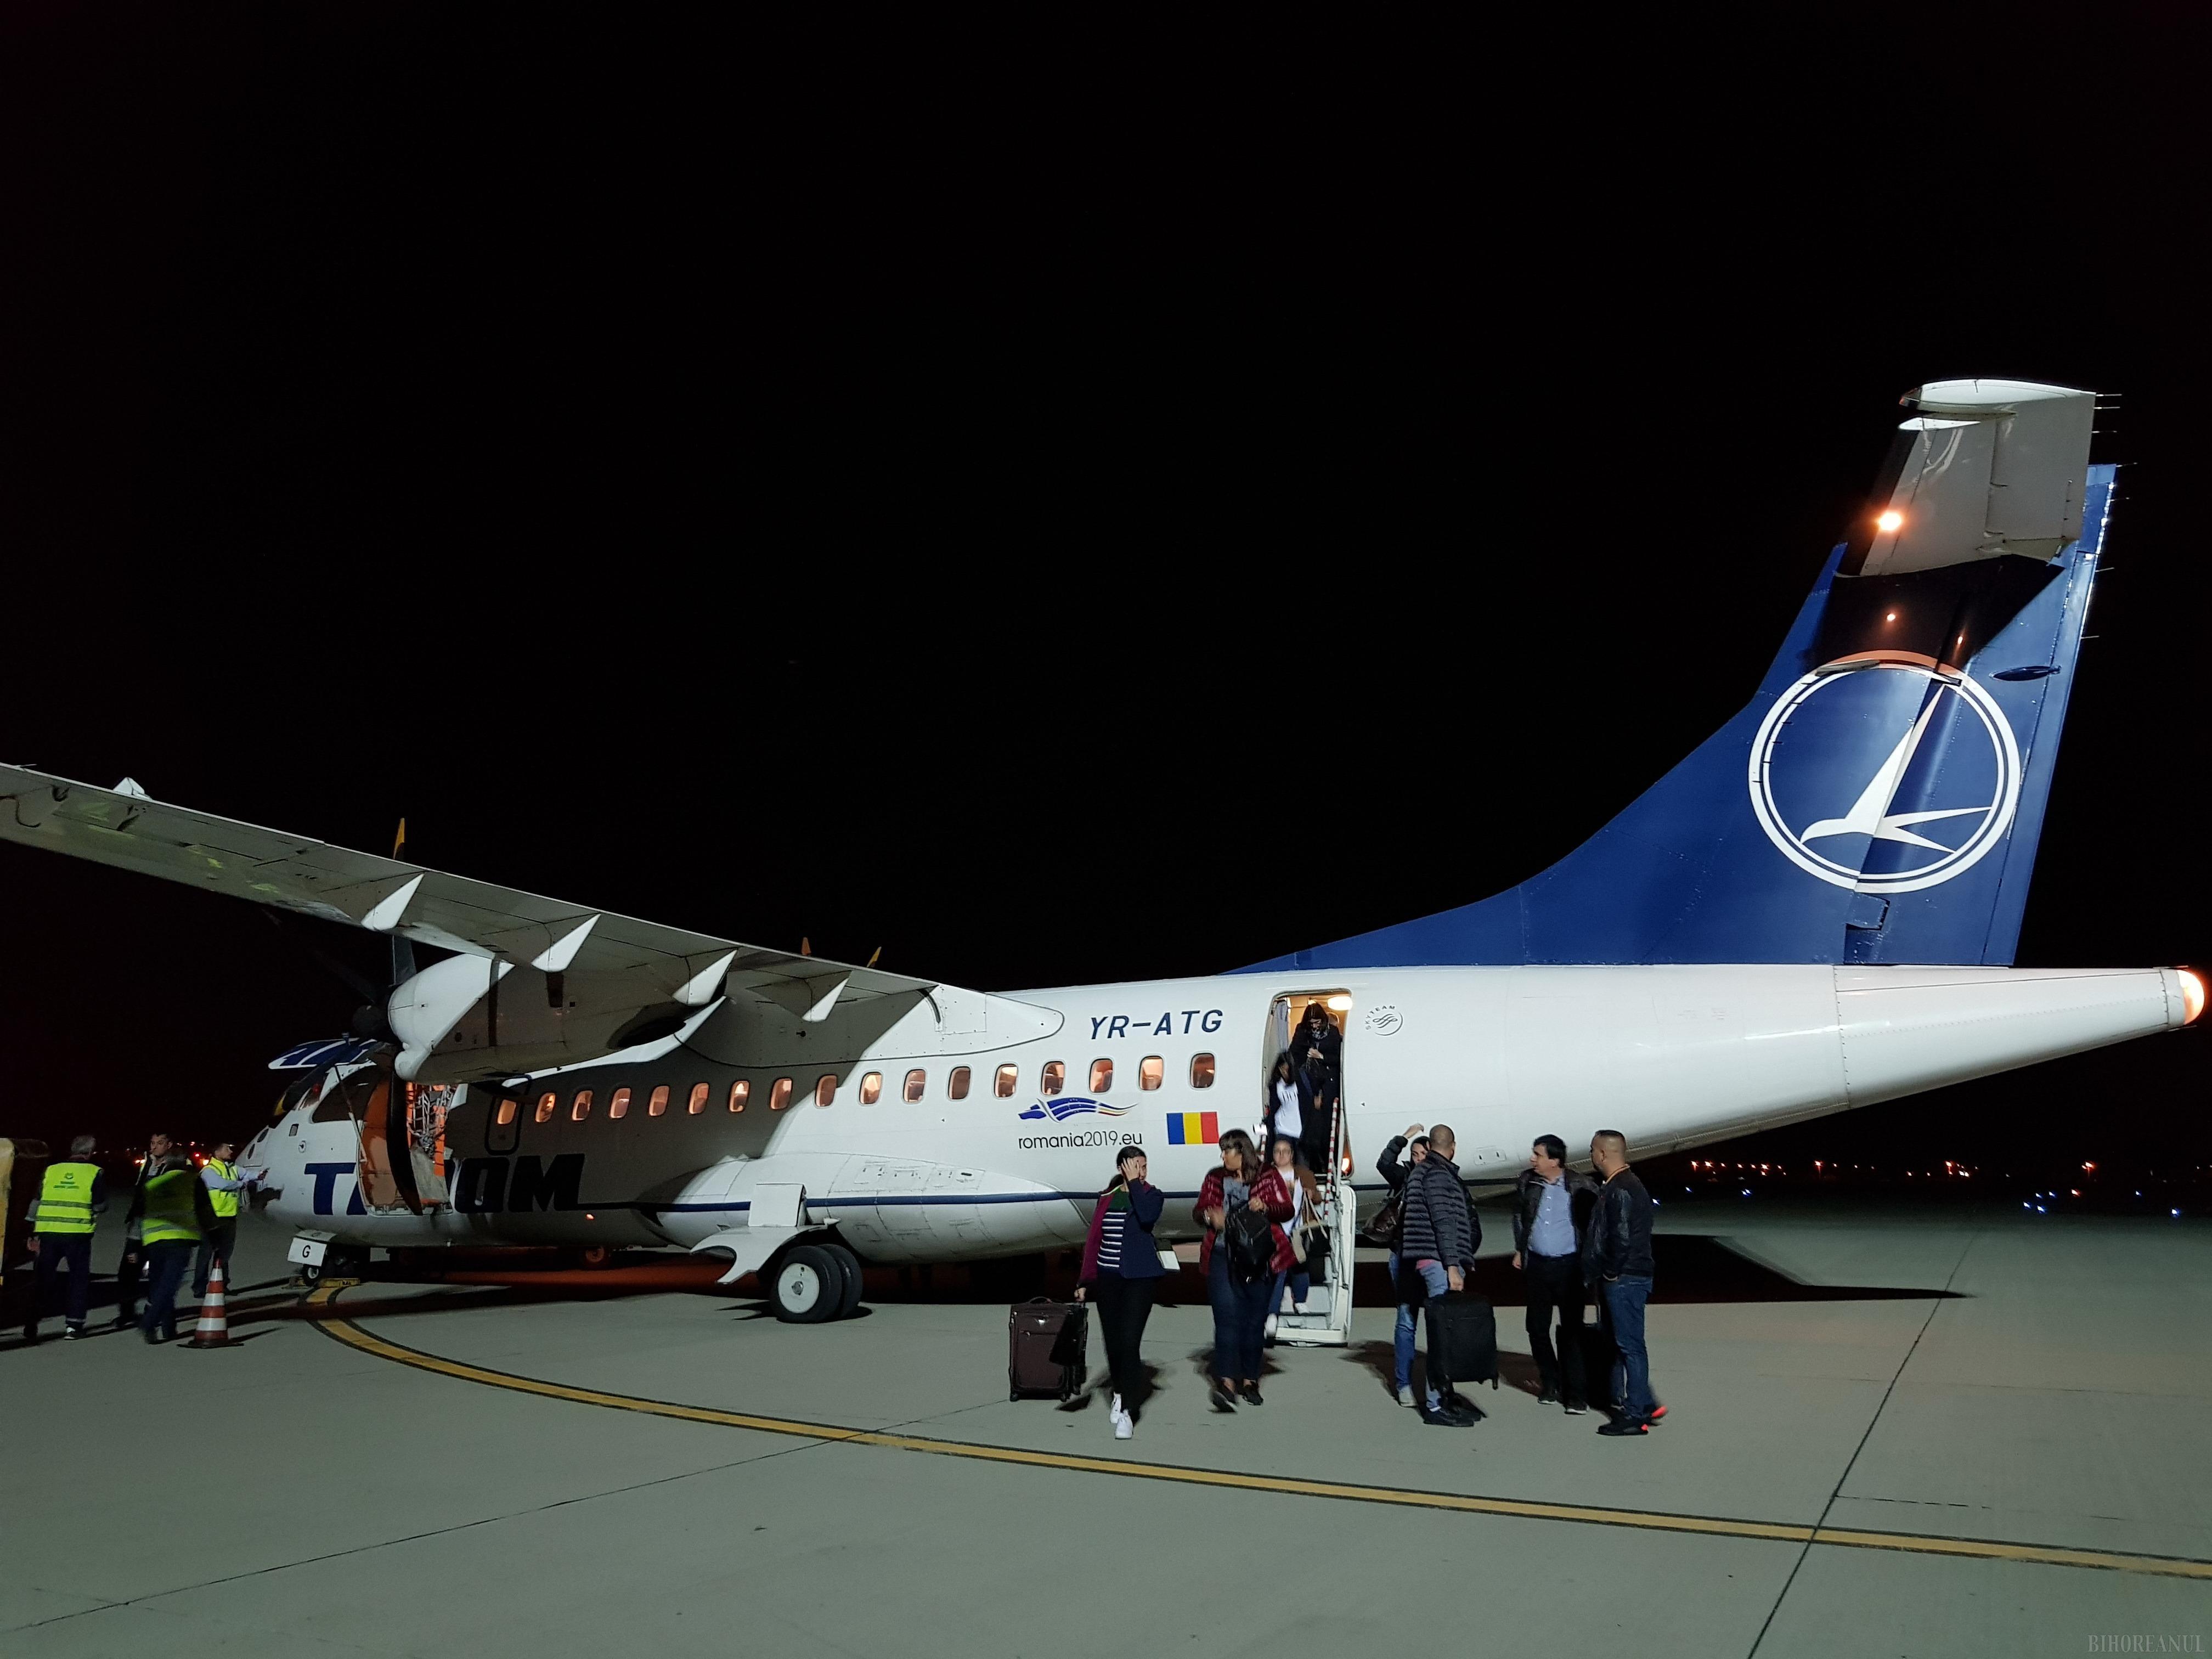 Aeroportul Oradea, tot mai jos: A pierdut 110.000 de pasageri faţă de anul trecut!